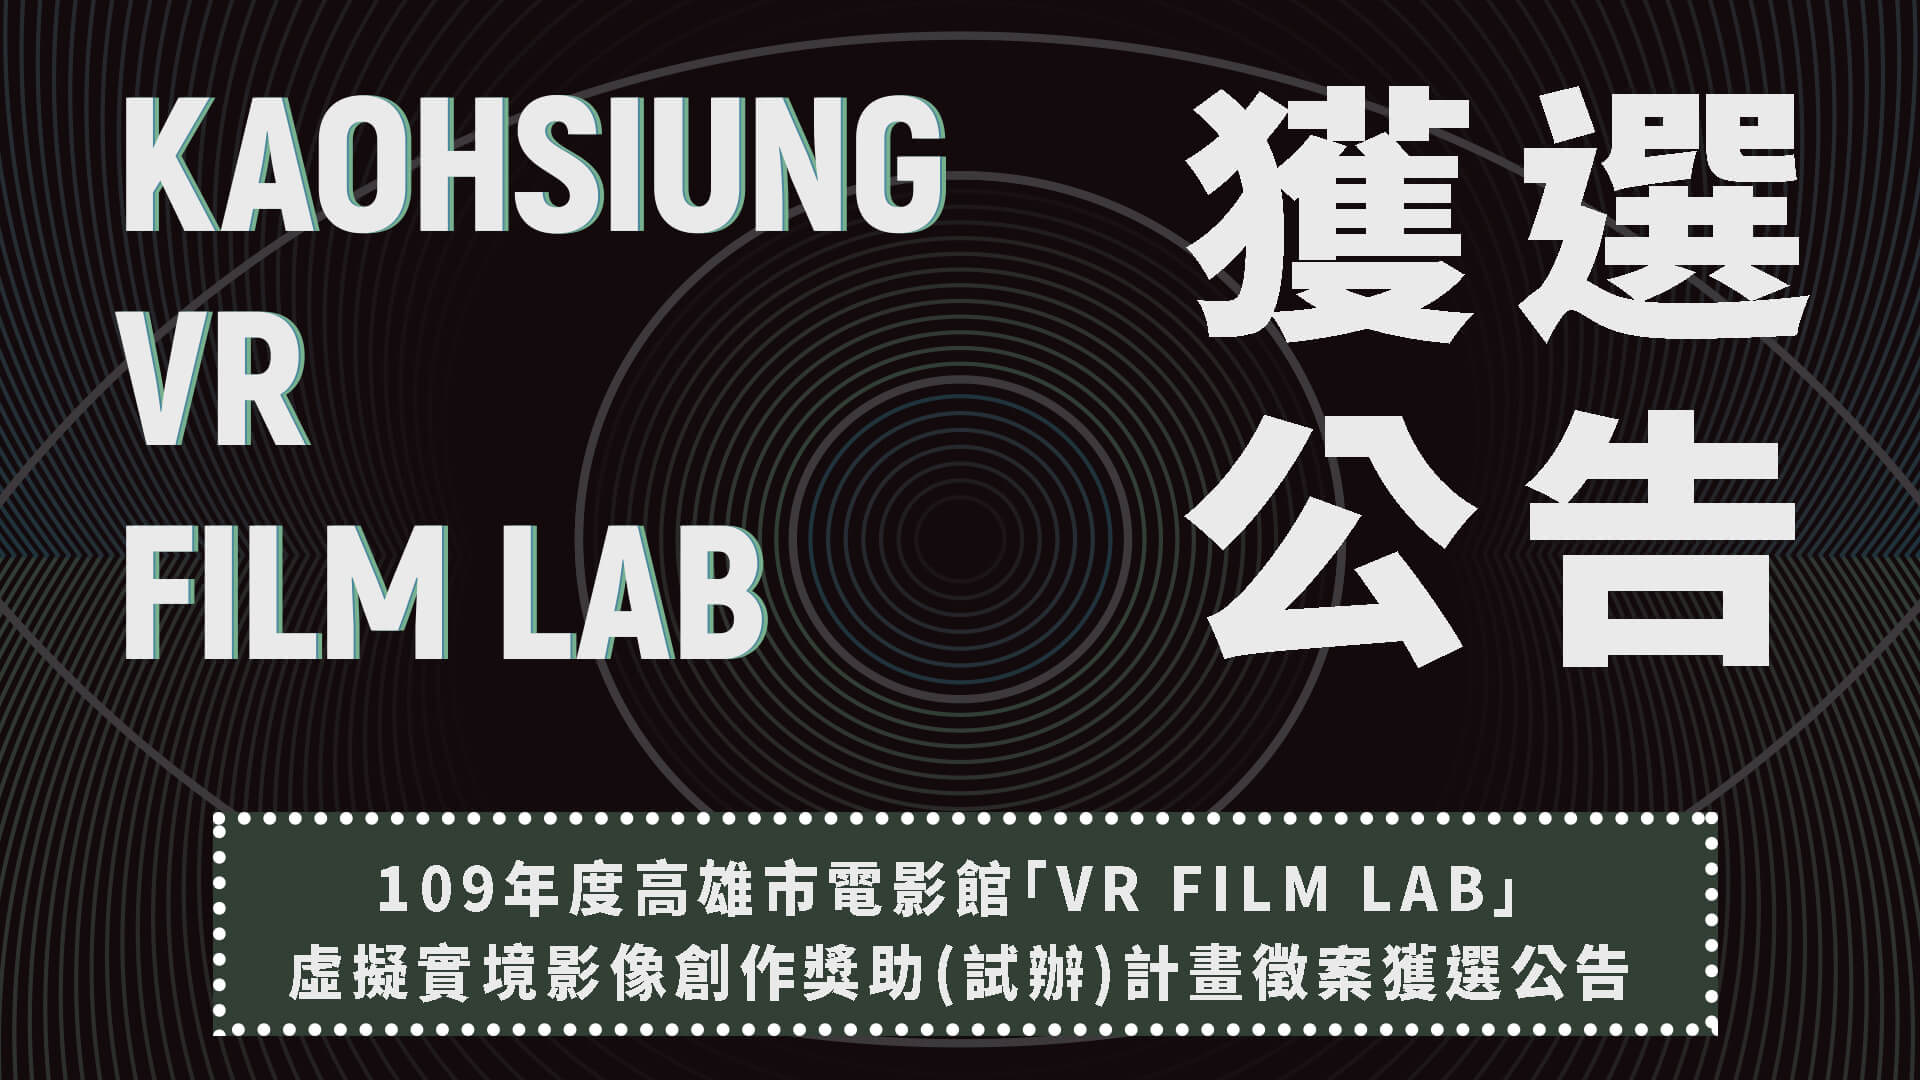 【公告】109年度高雄市電影館 「VR FILM LAB」 虛擬實境影像創作獎助(試辦)計畫徵案 獲獎助名單公告